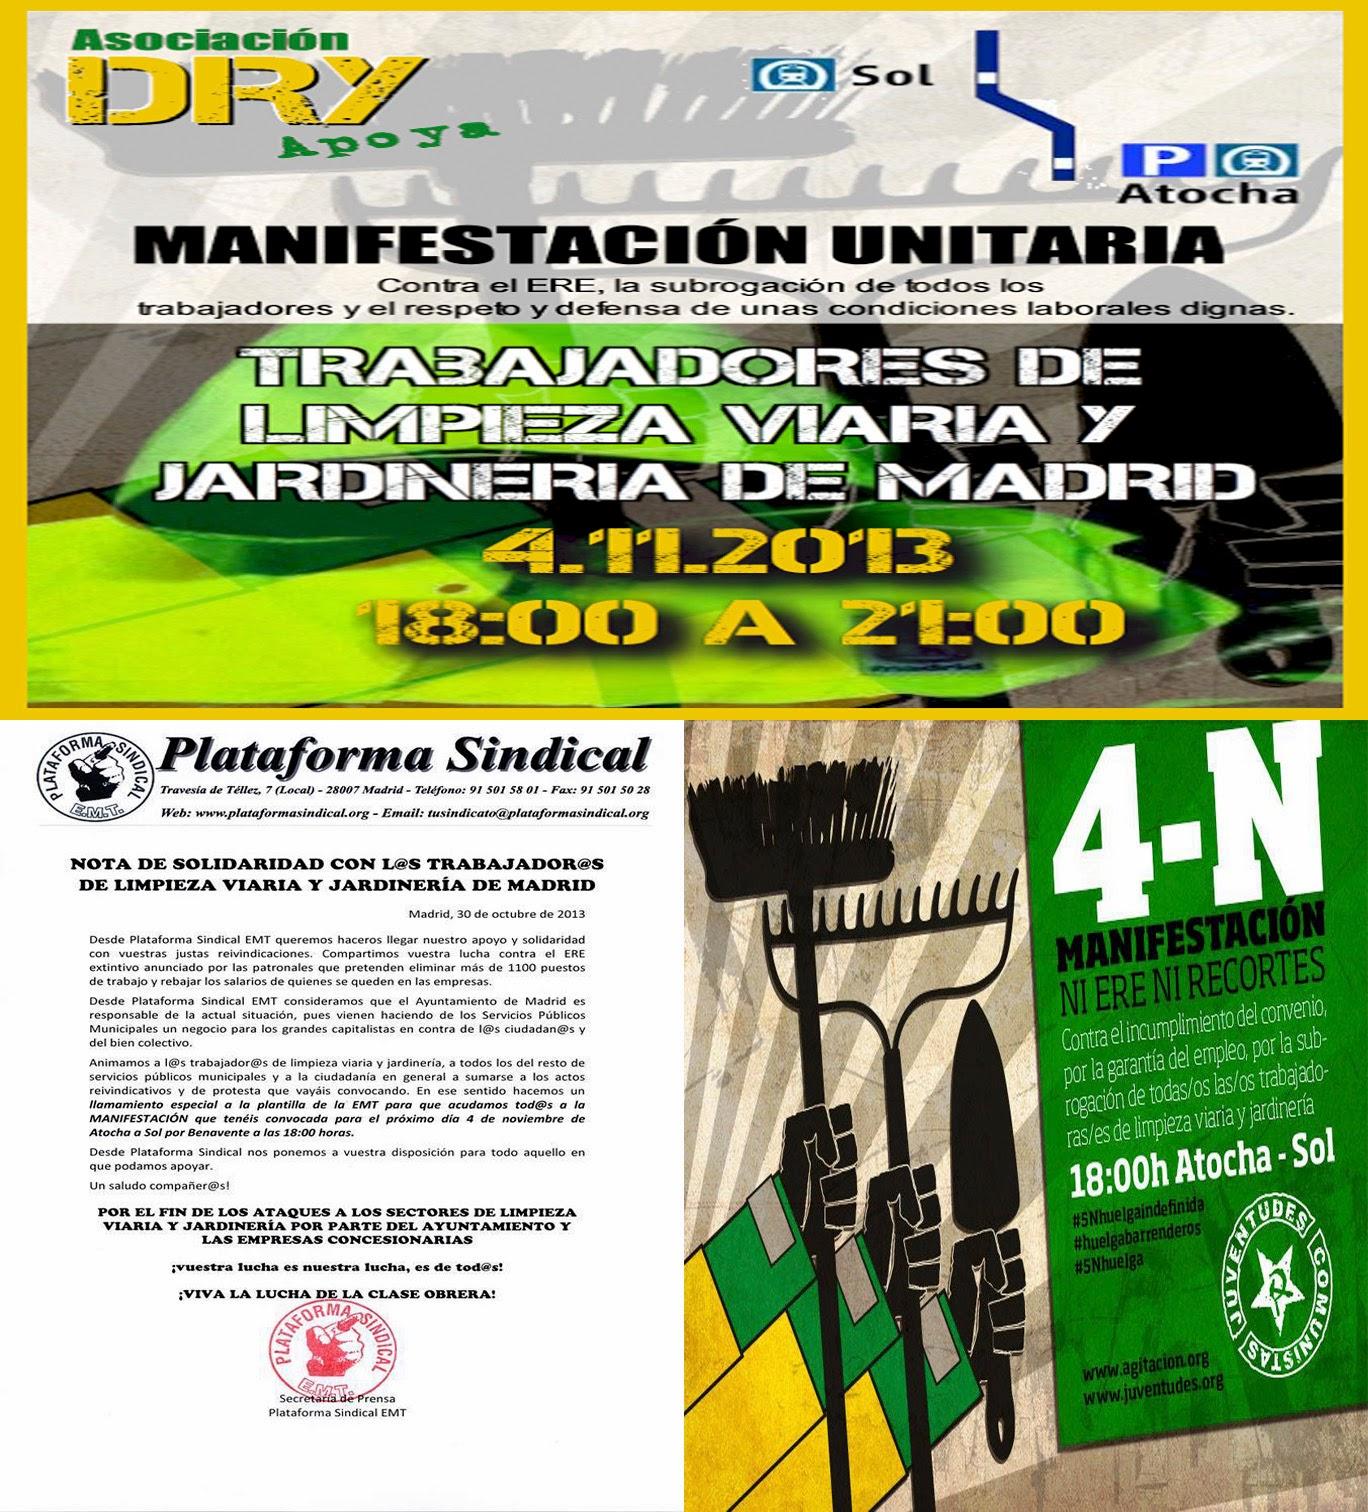 Afectados por los Recortes del Ayuntamiento de Madrid: octubre 2013